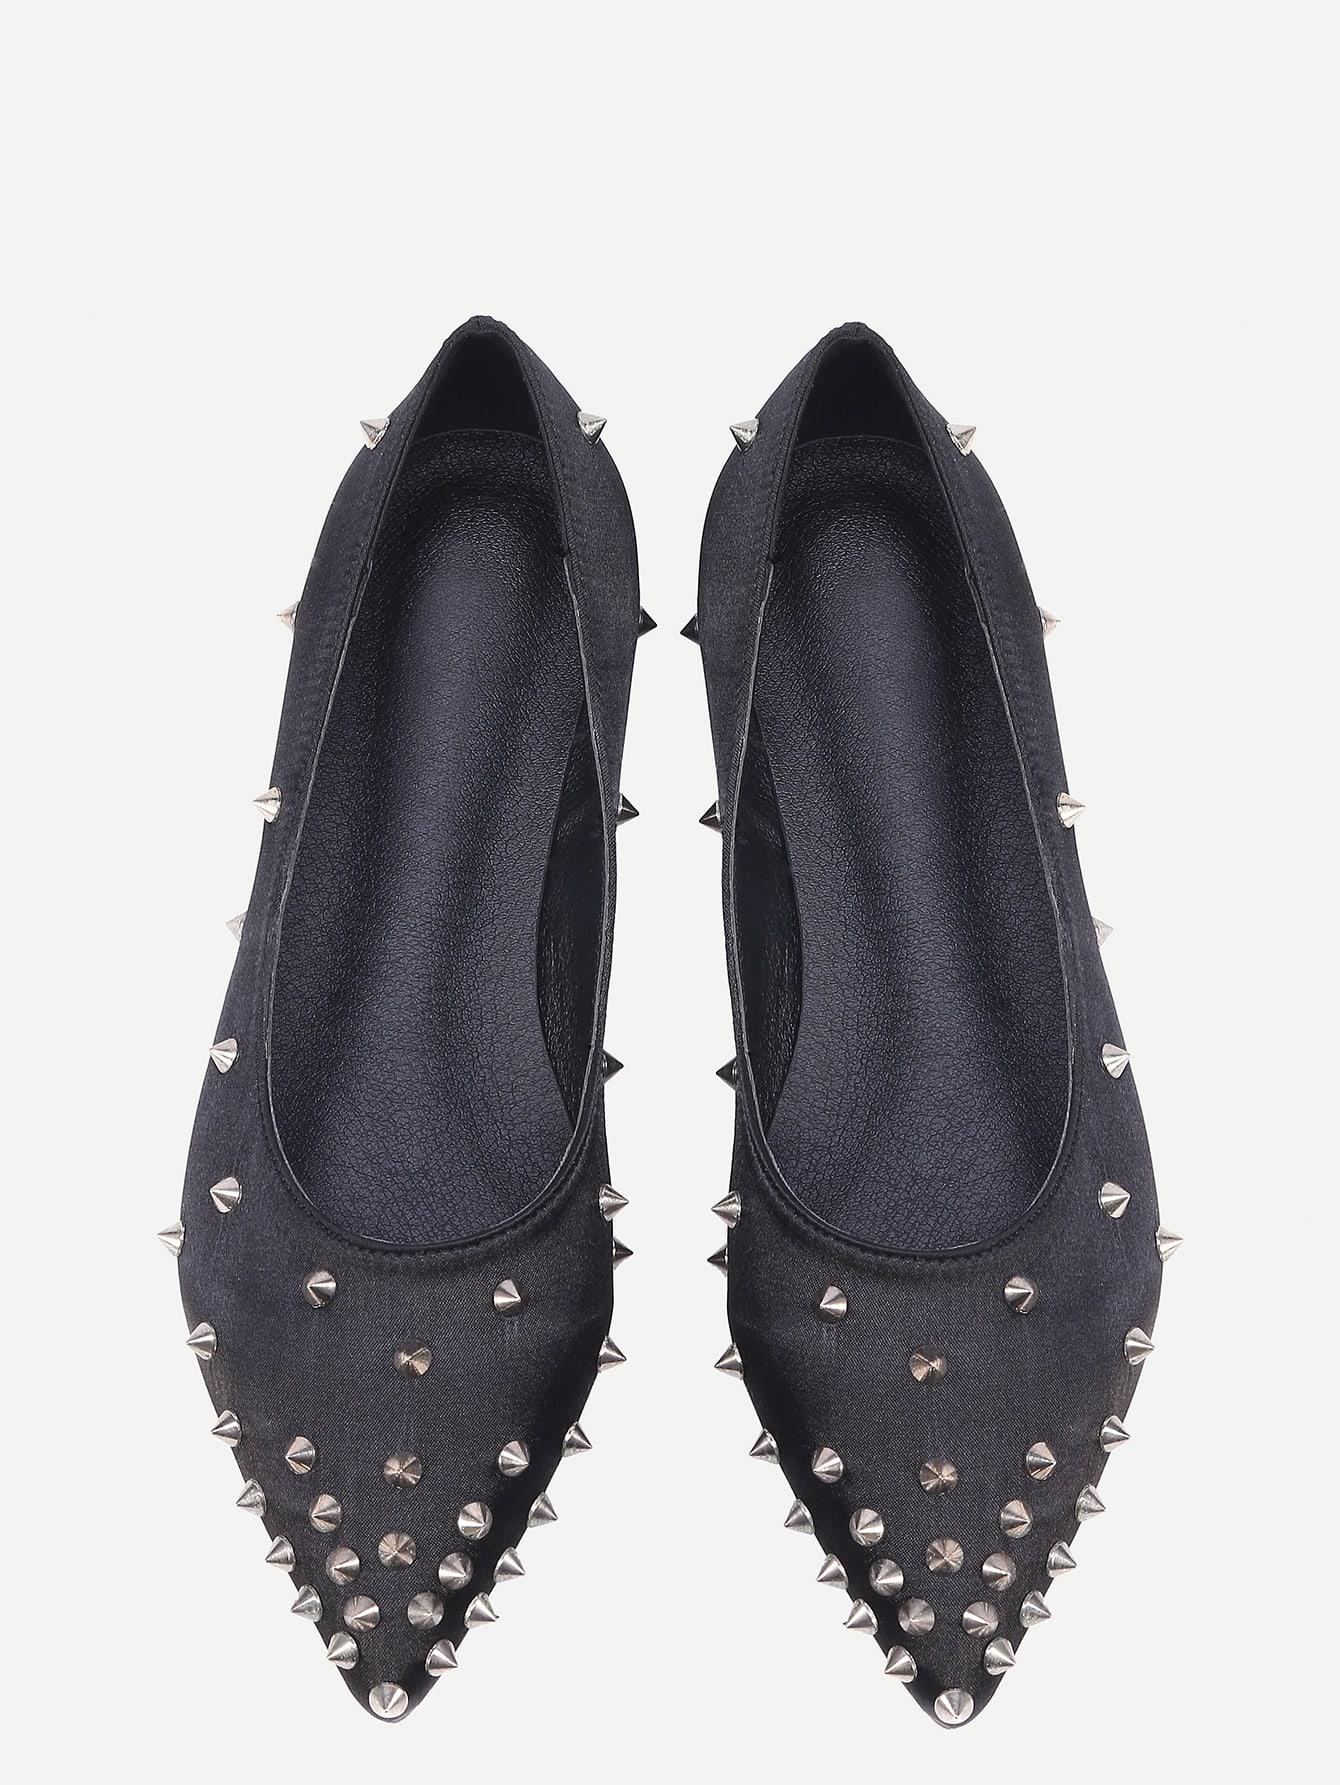 shoes160728810_2